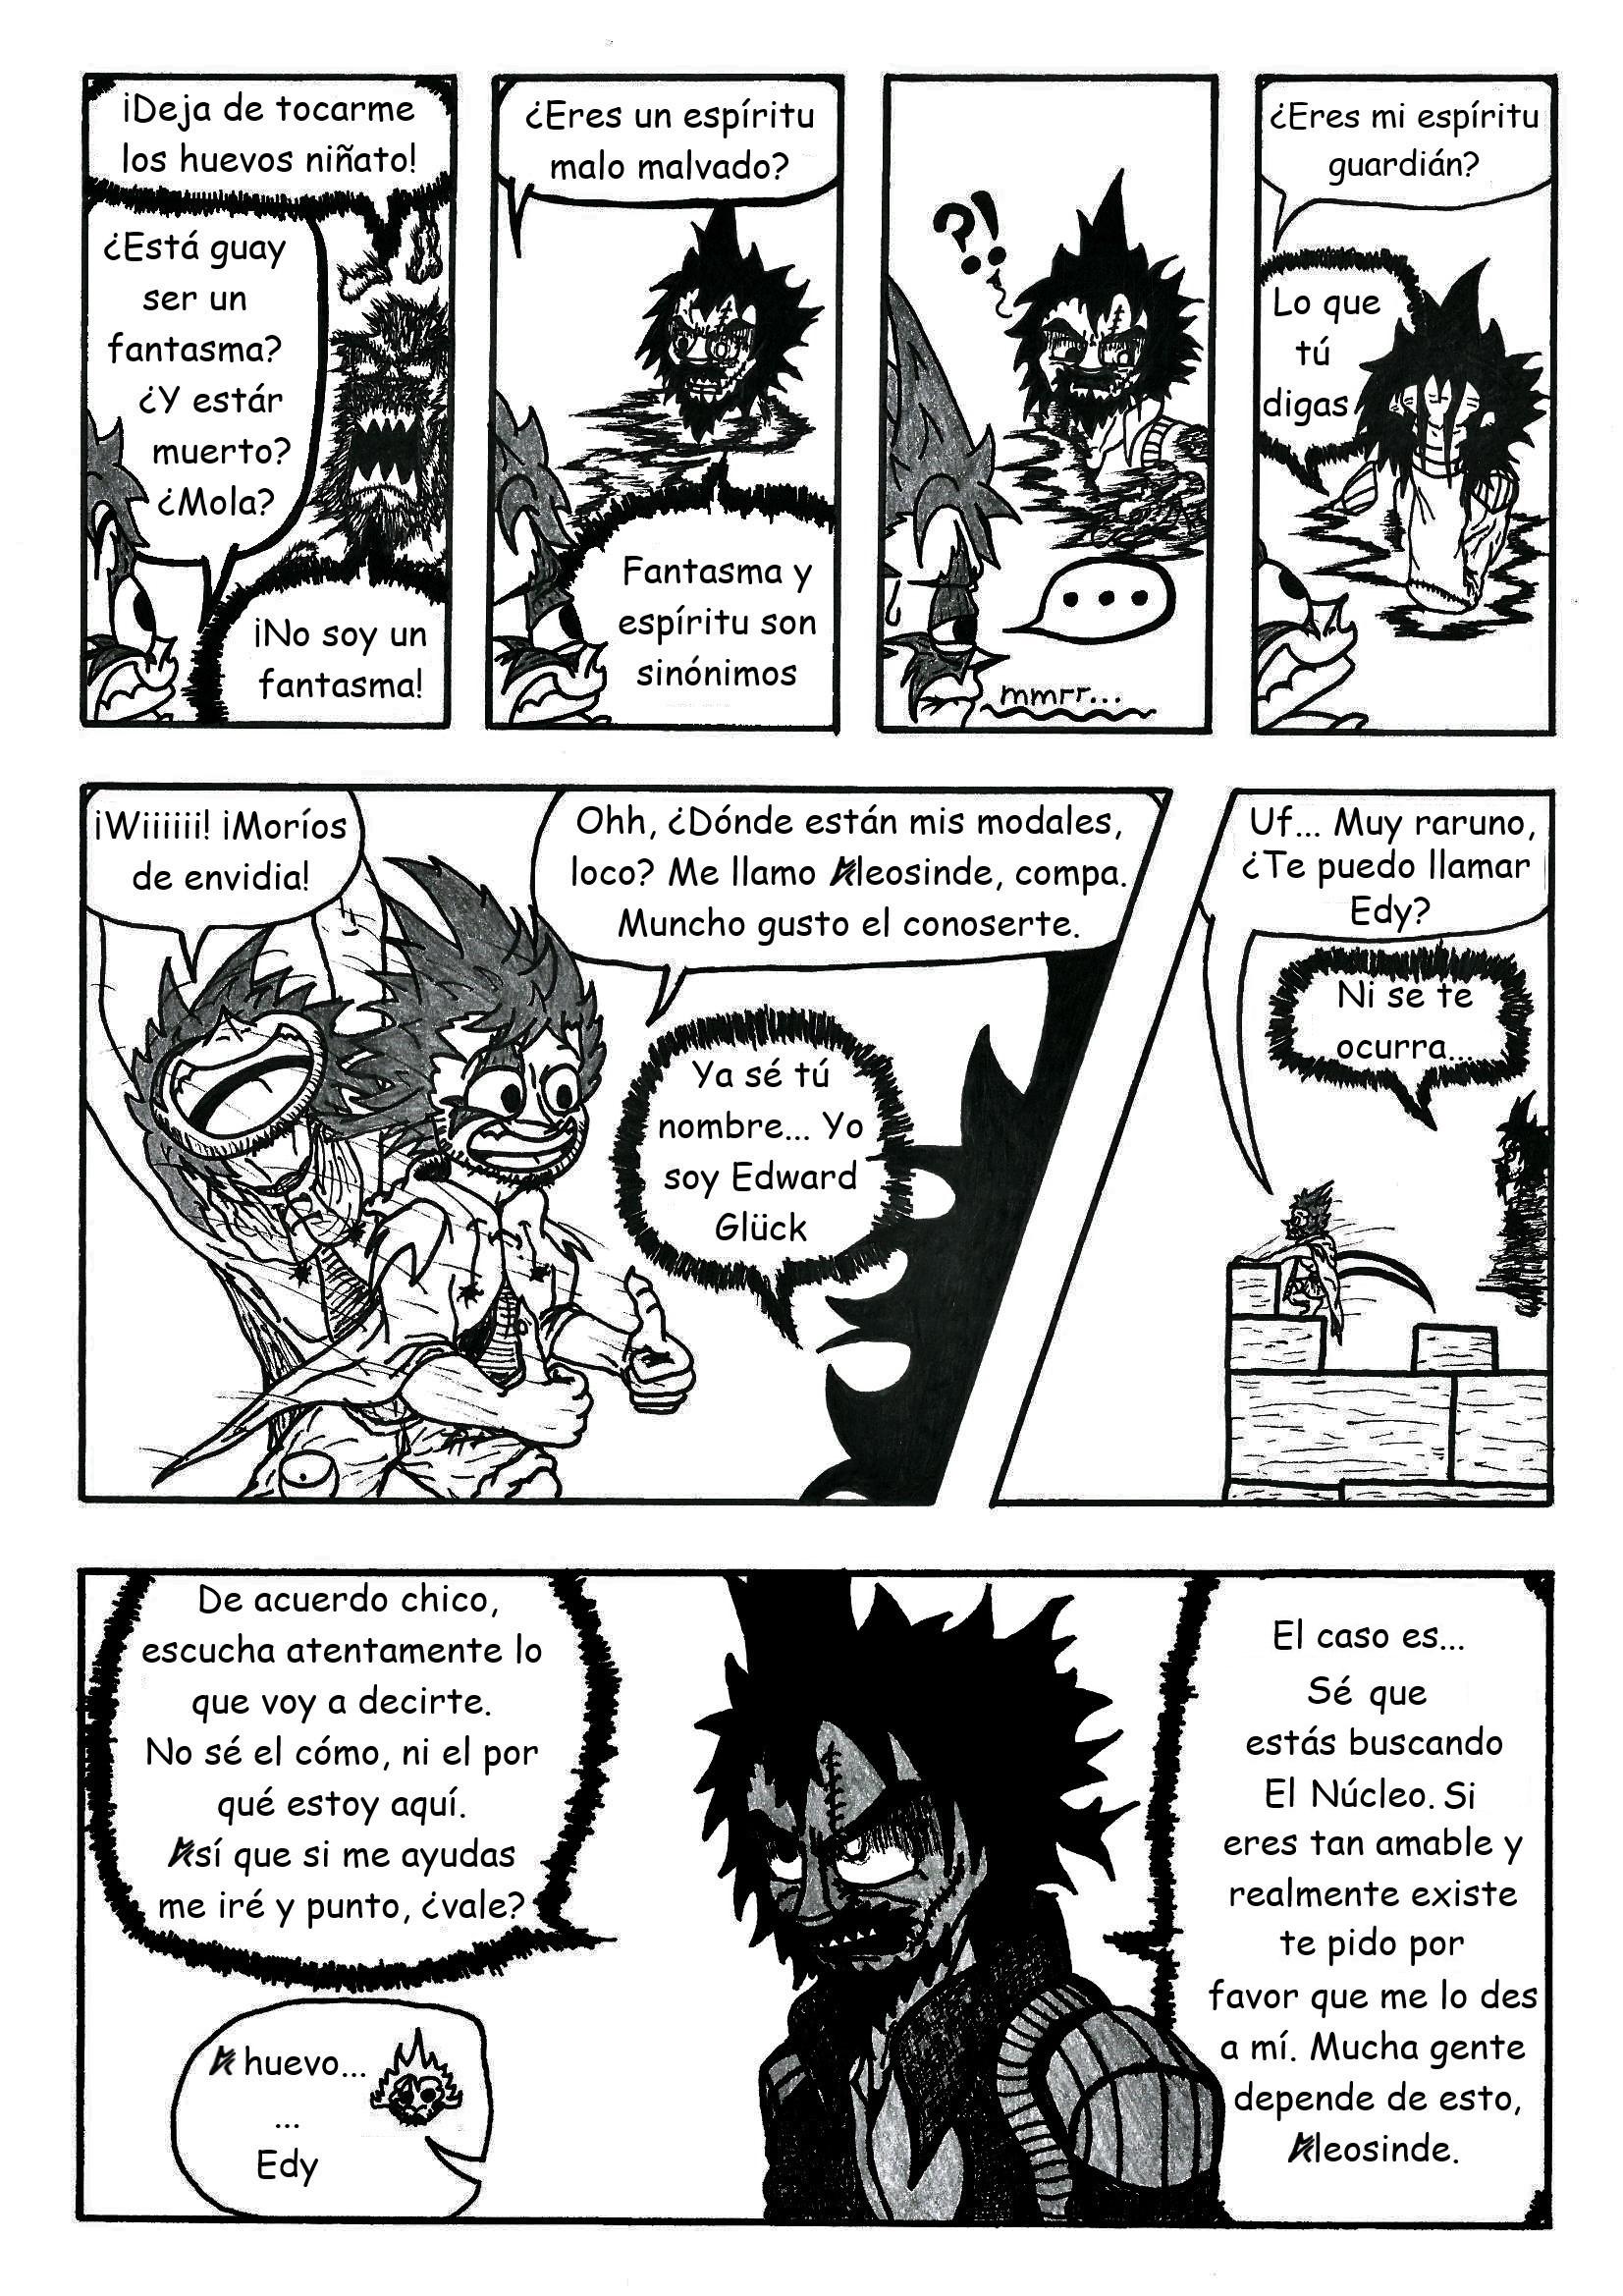 Avatar_02_J_Angel_Casado_Fuster_pagina00005